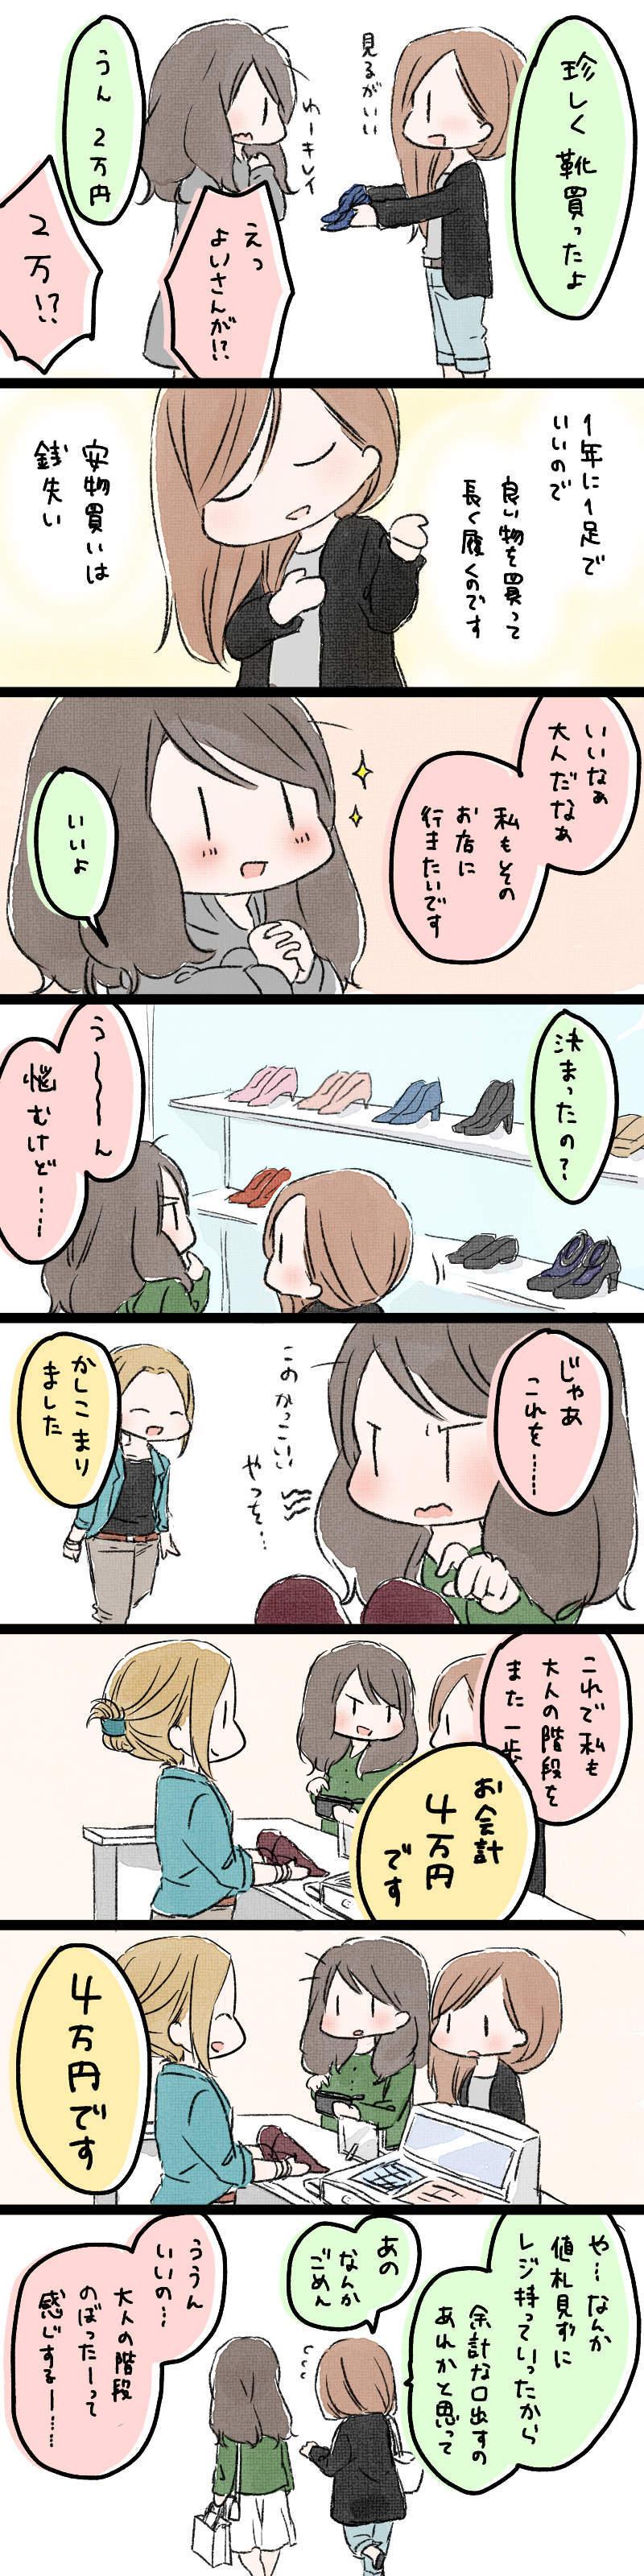 ねむさん、靴を買う_e0346424_23145879.jpg